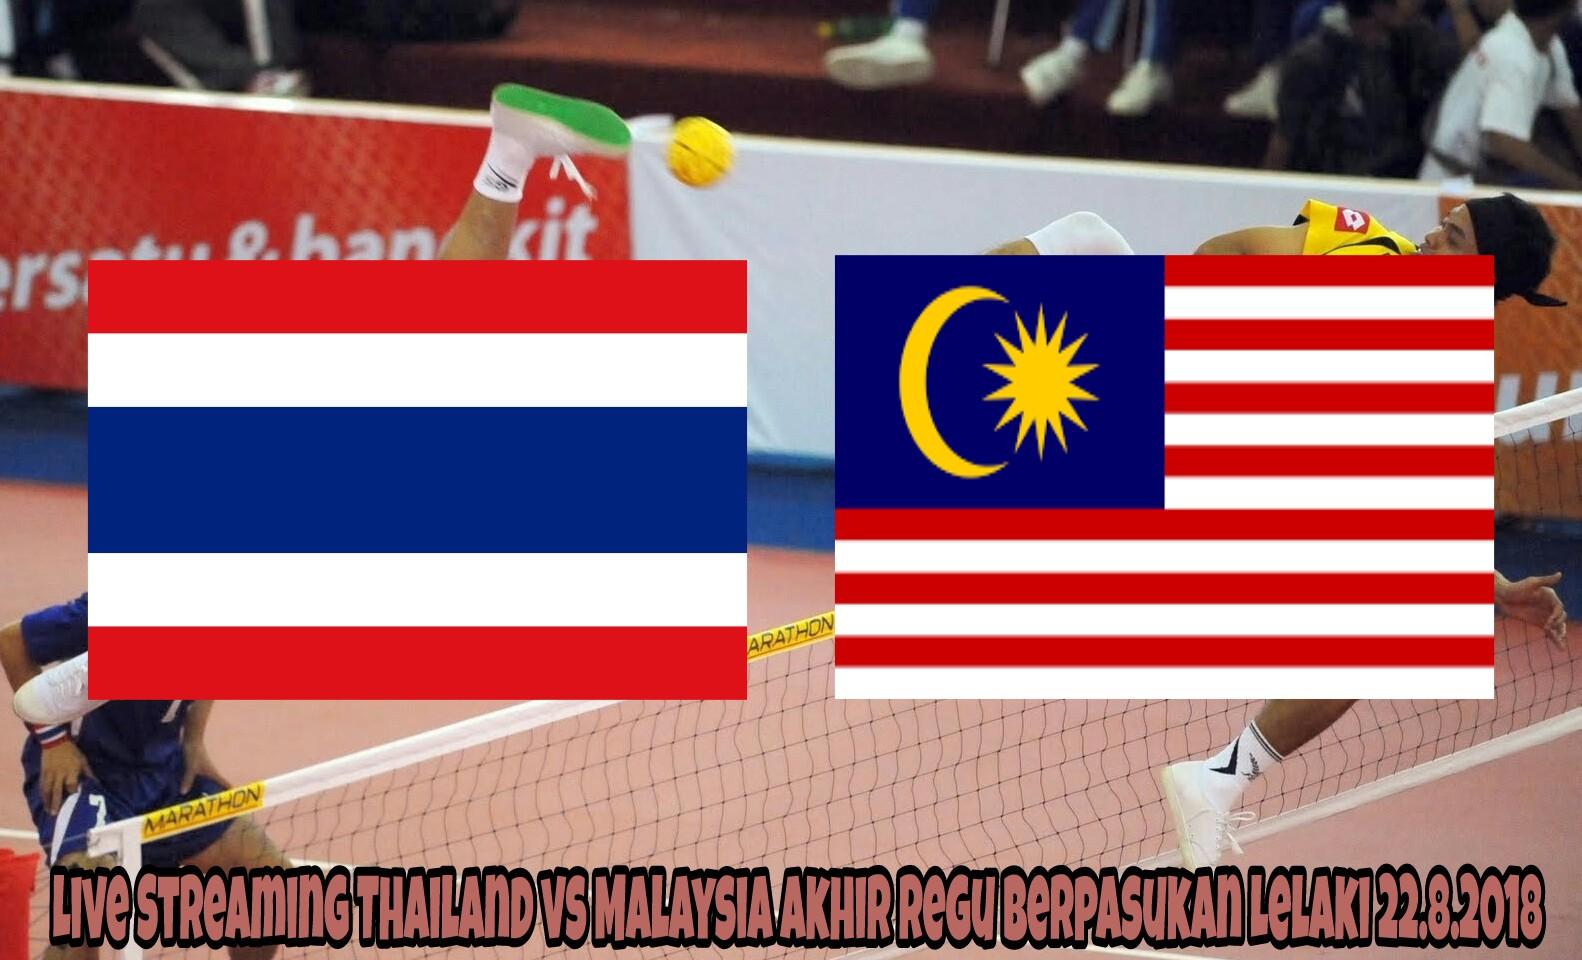 Live Streaming Thailand vs Malaysia Akhir Regu Berpasukan Lelaki 22.8.2018